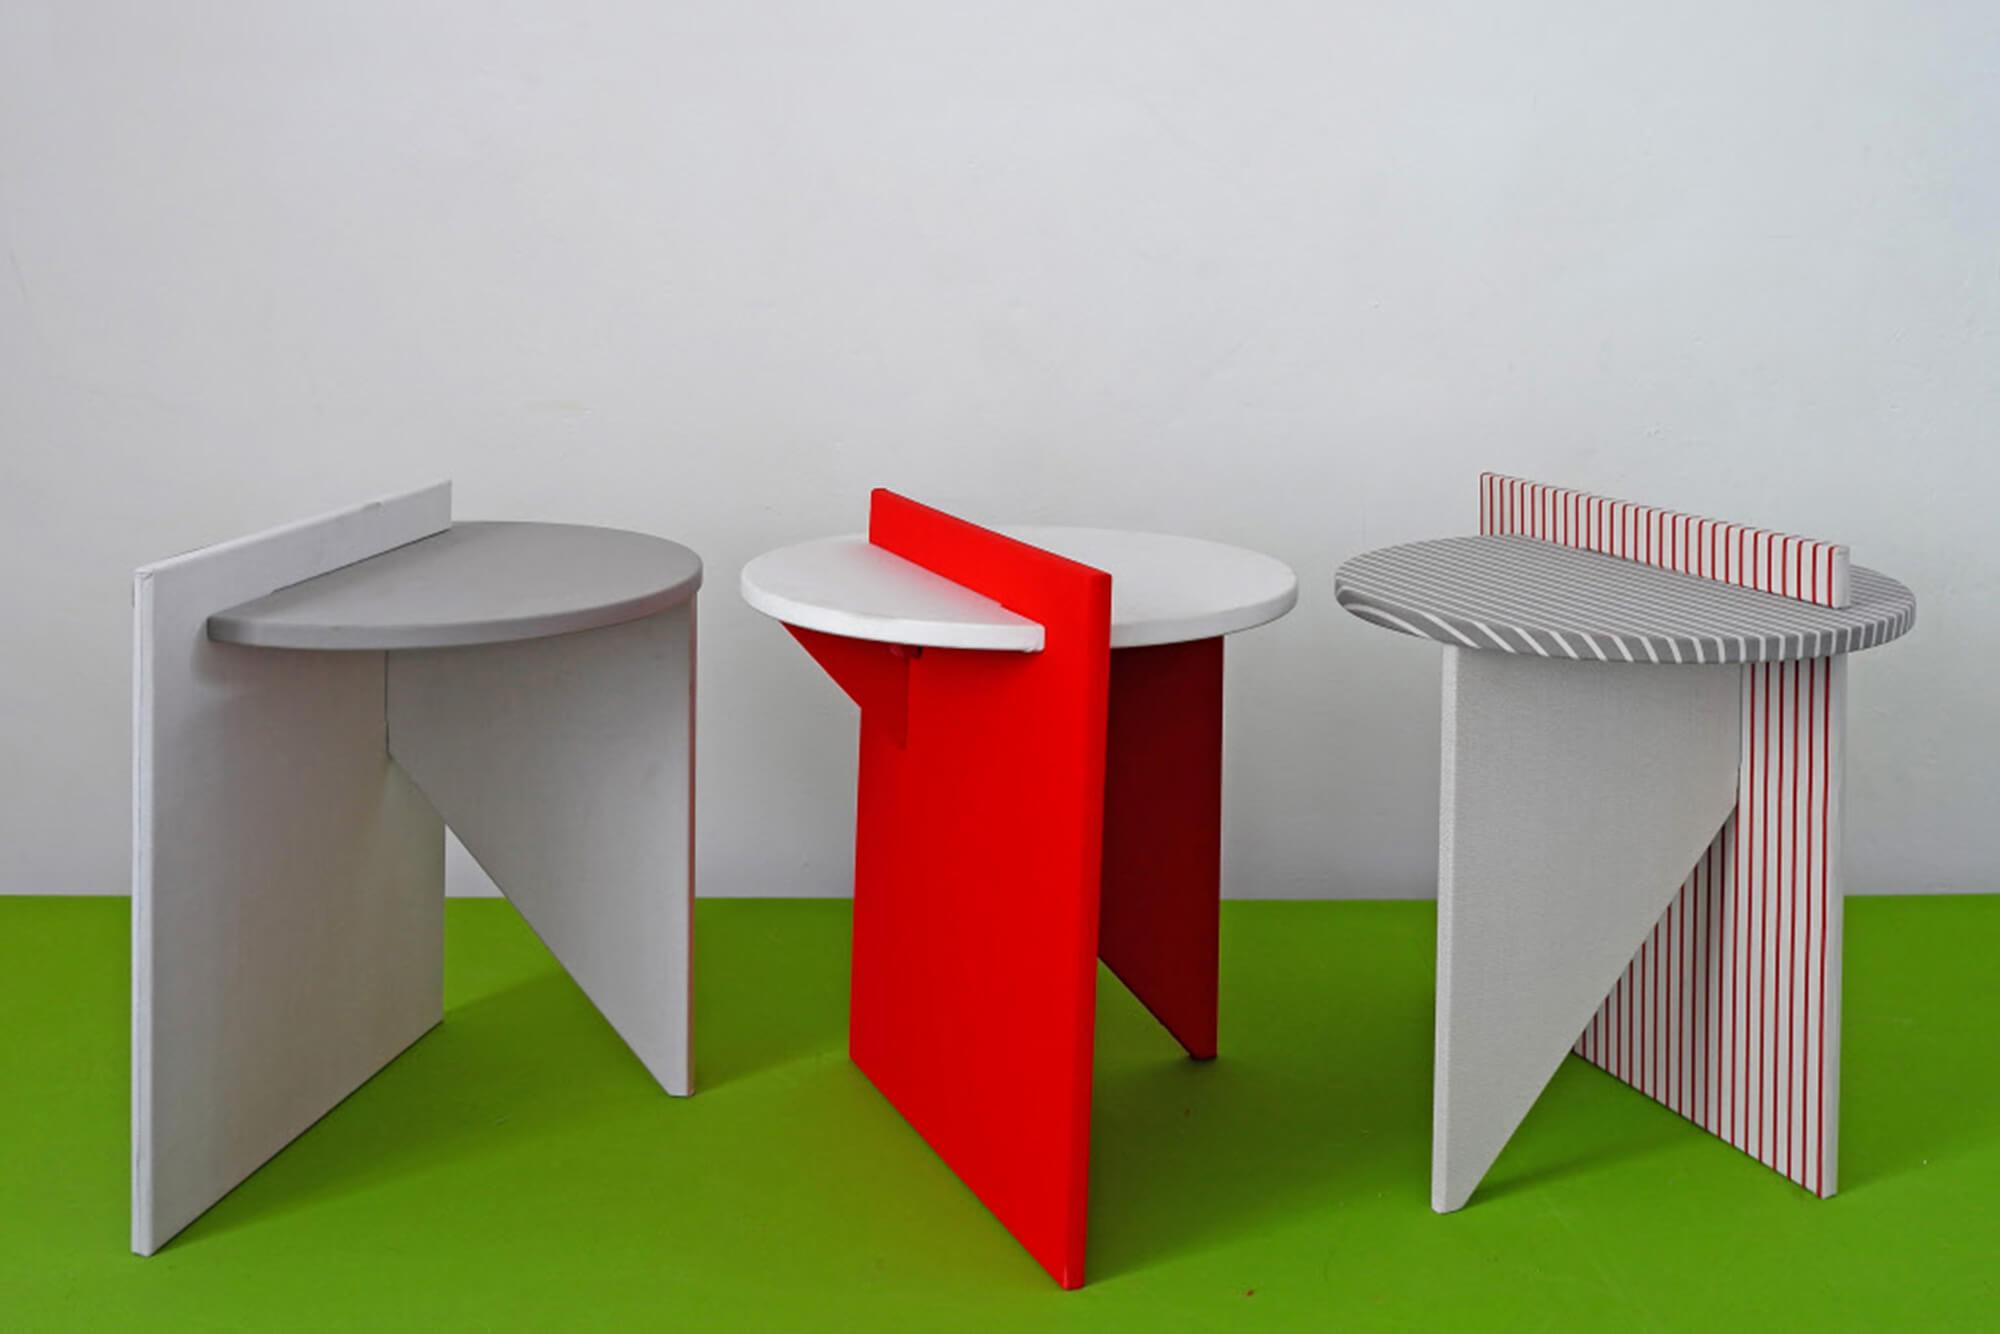 Atelier Lavit 设计的红白色边桌